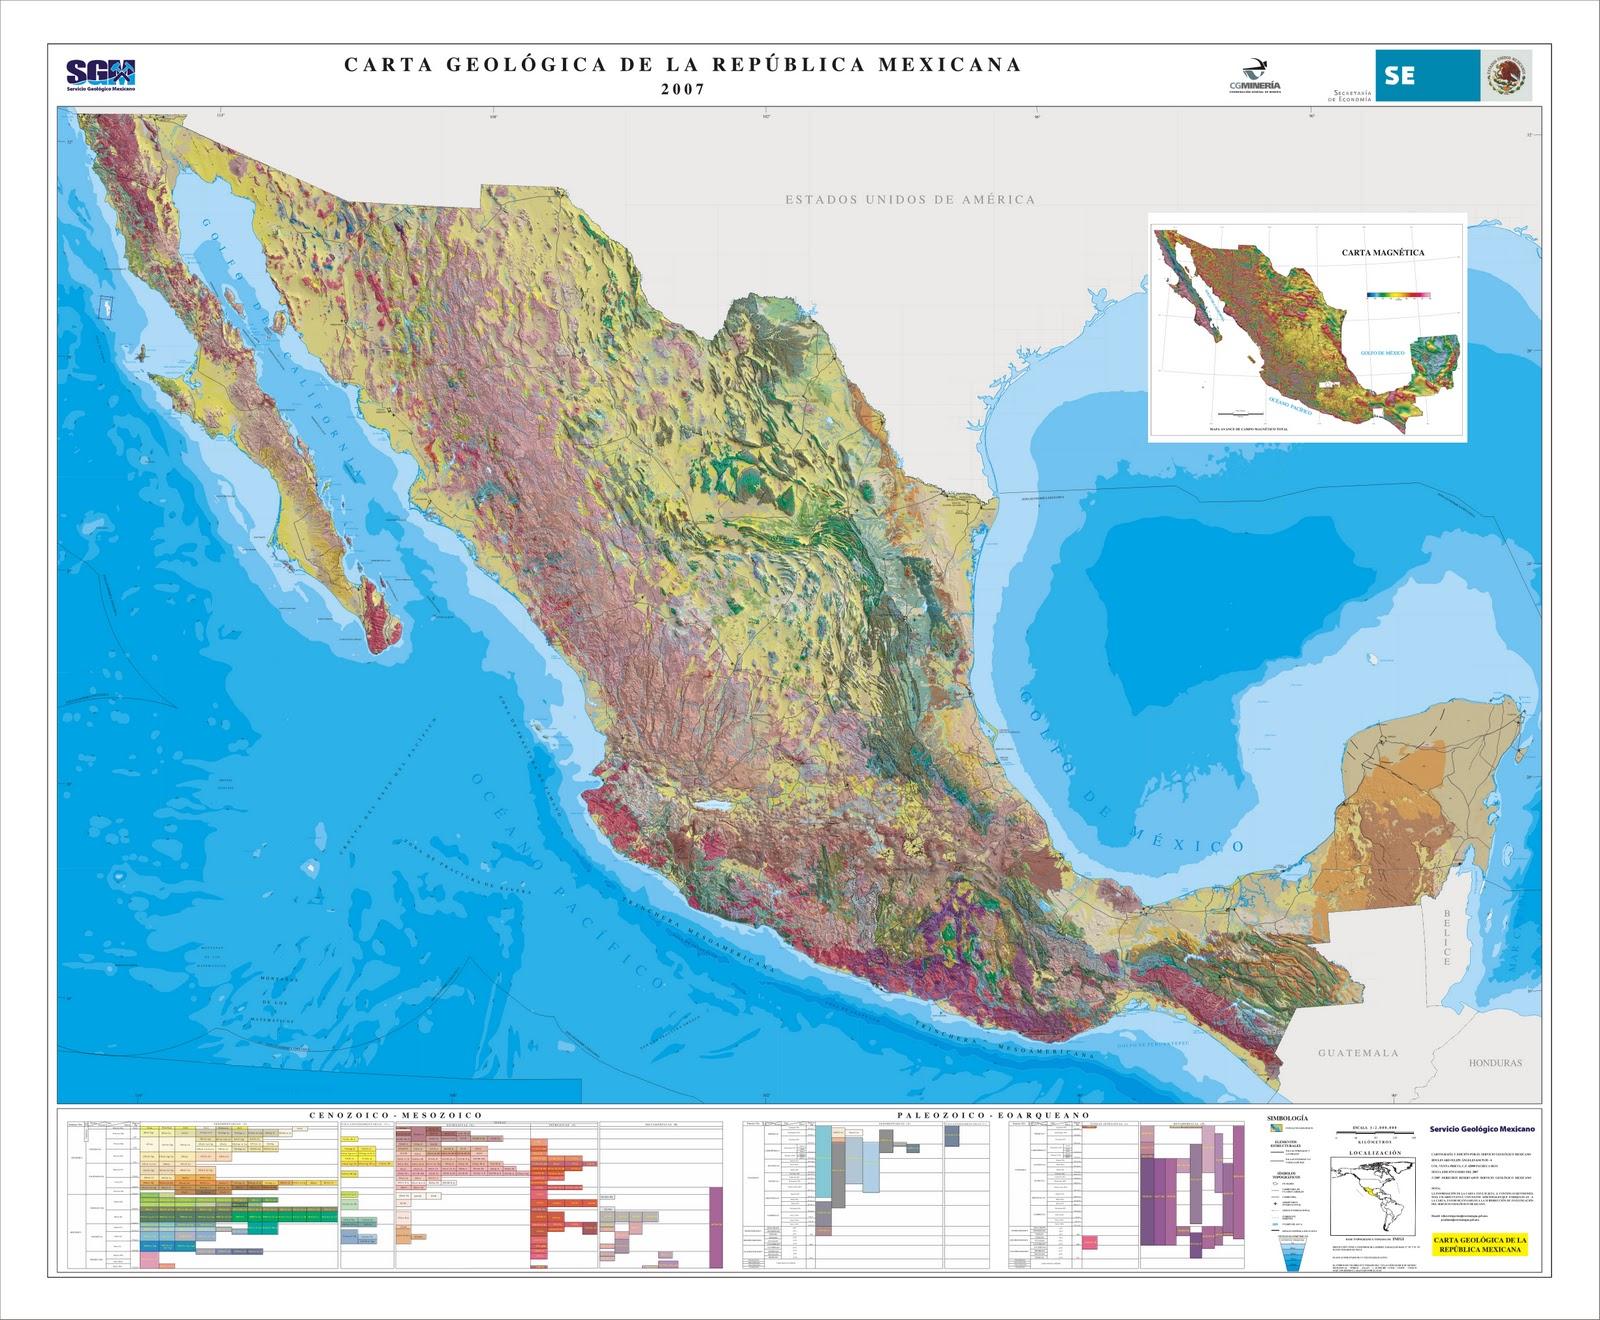 Amiga de guatemala 1 - 3 part 5